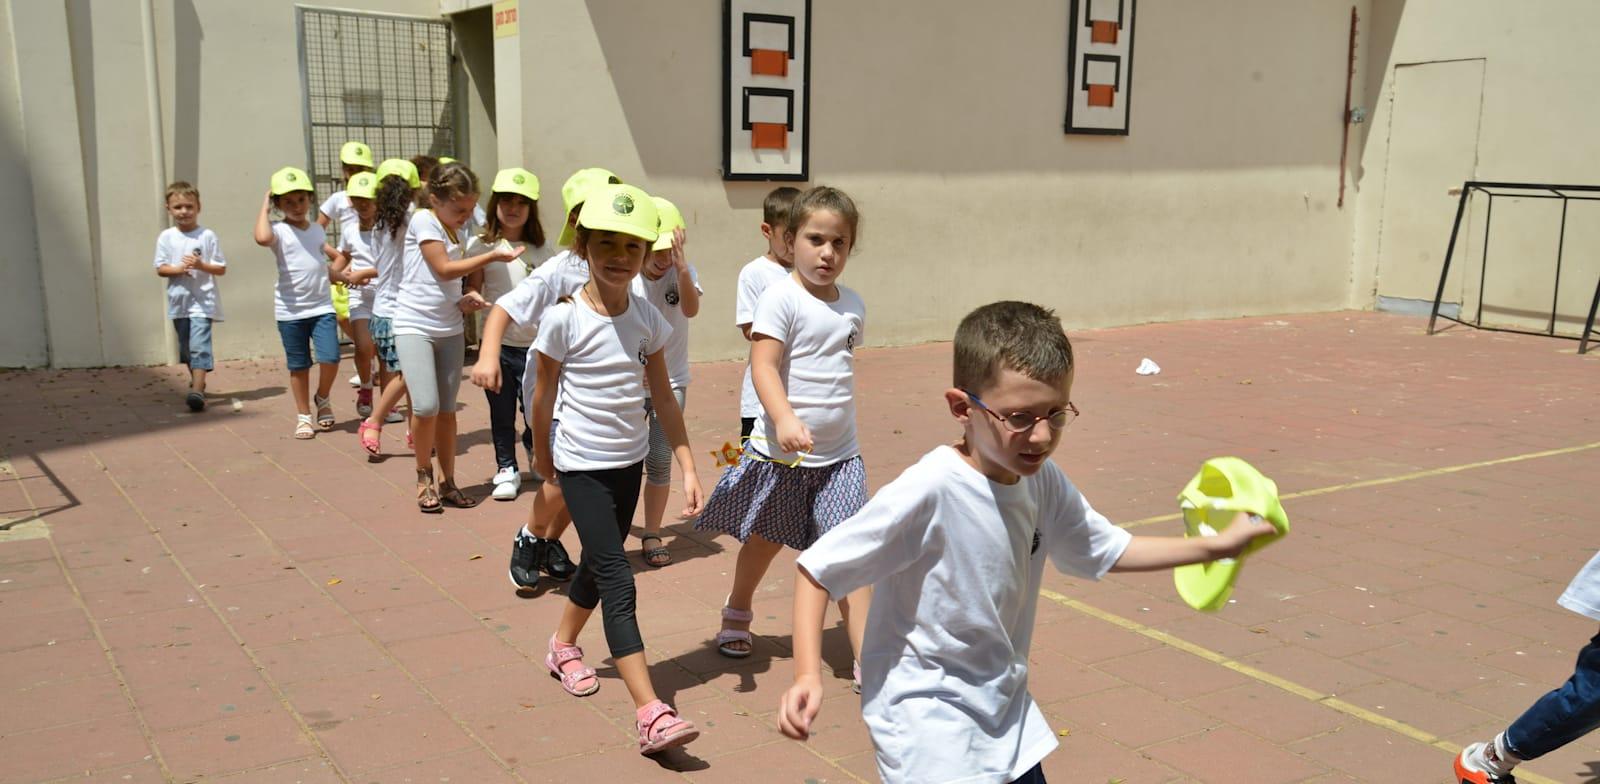 תלמידים יוצאים מבית הספר / צילום: תמר מצפי